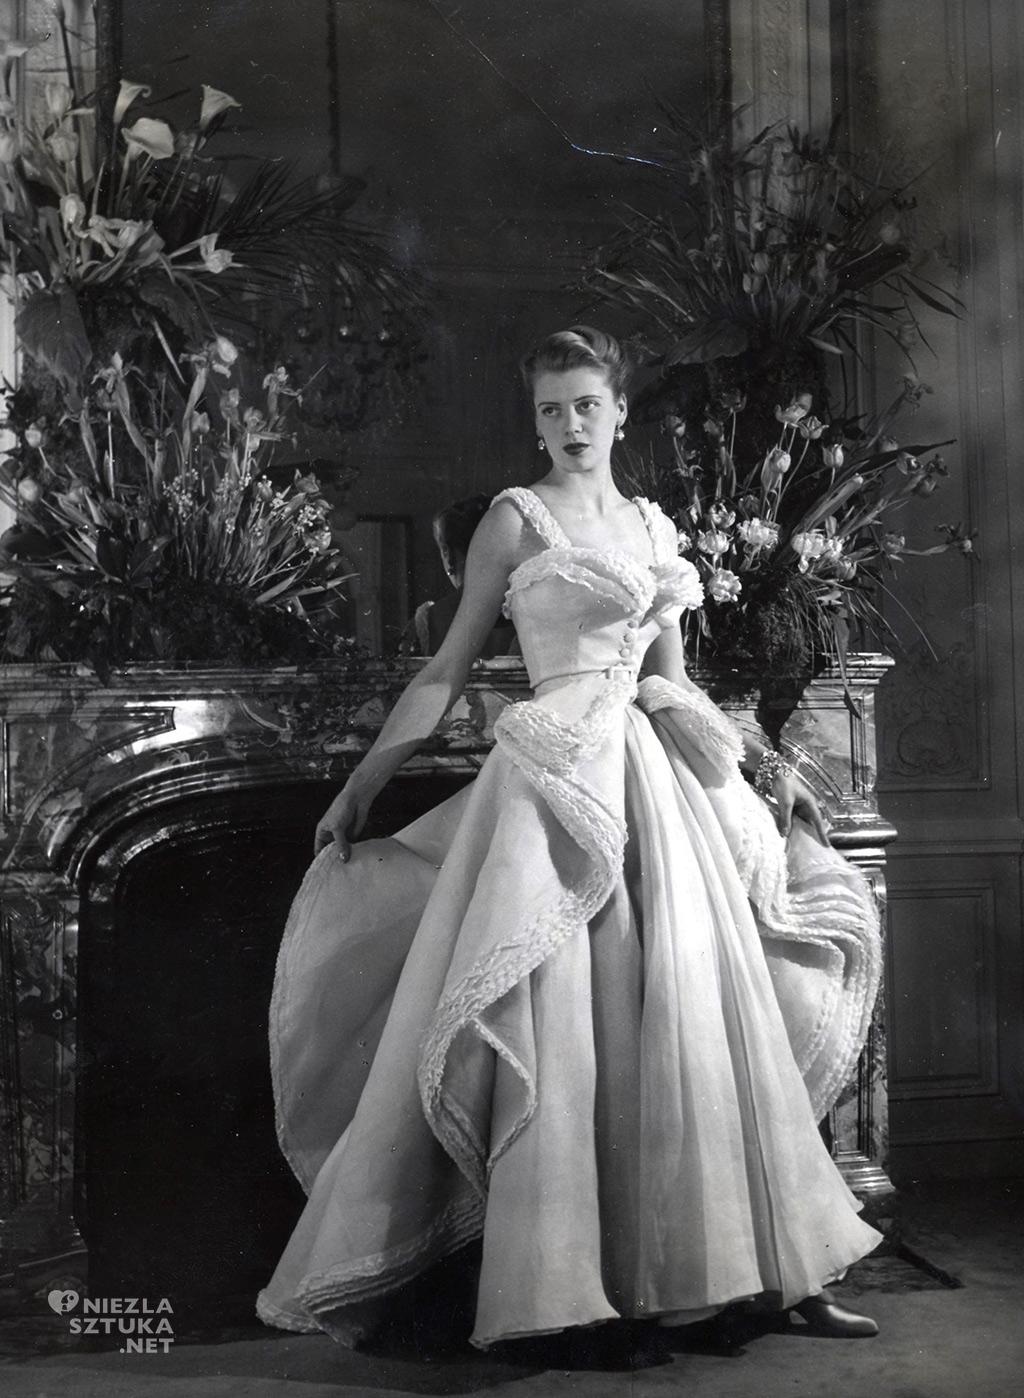 Willy Maywald dla Diora, © Willy Maywald, fot. dzięki uprzejmości Dior.com